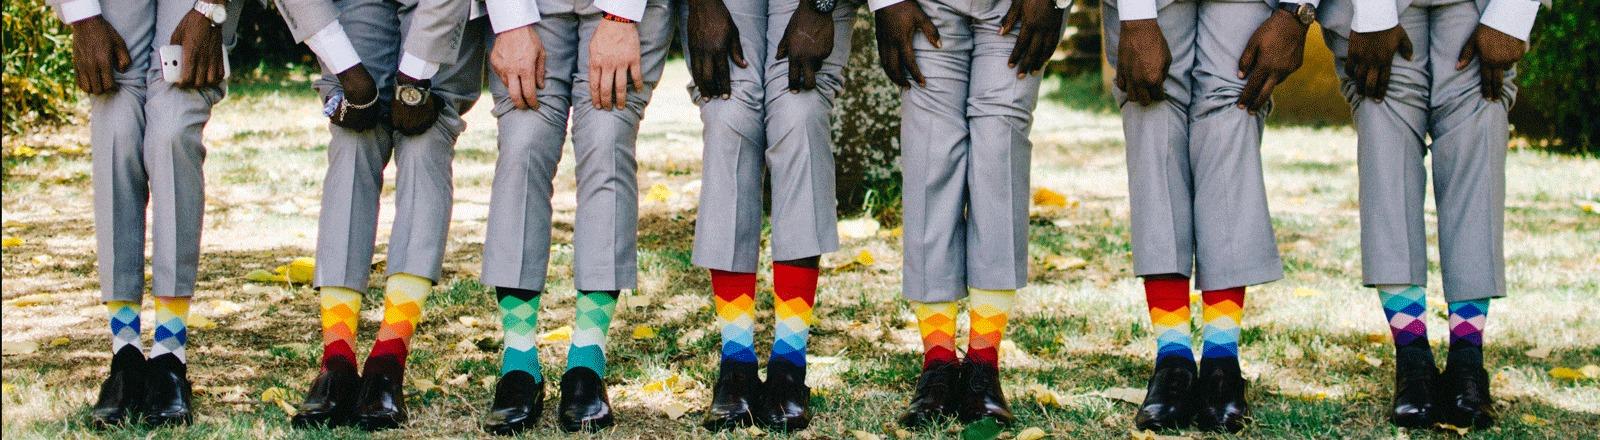 Männer im Anzug zeigen ihre bunten Socken